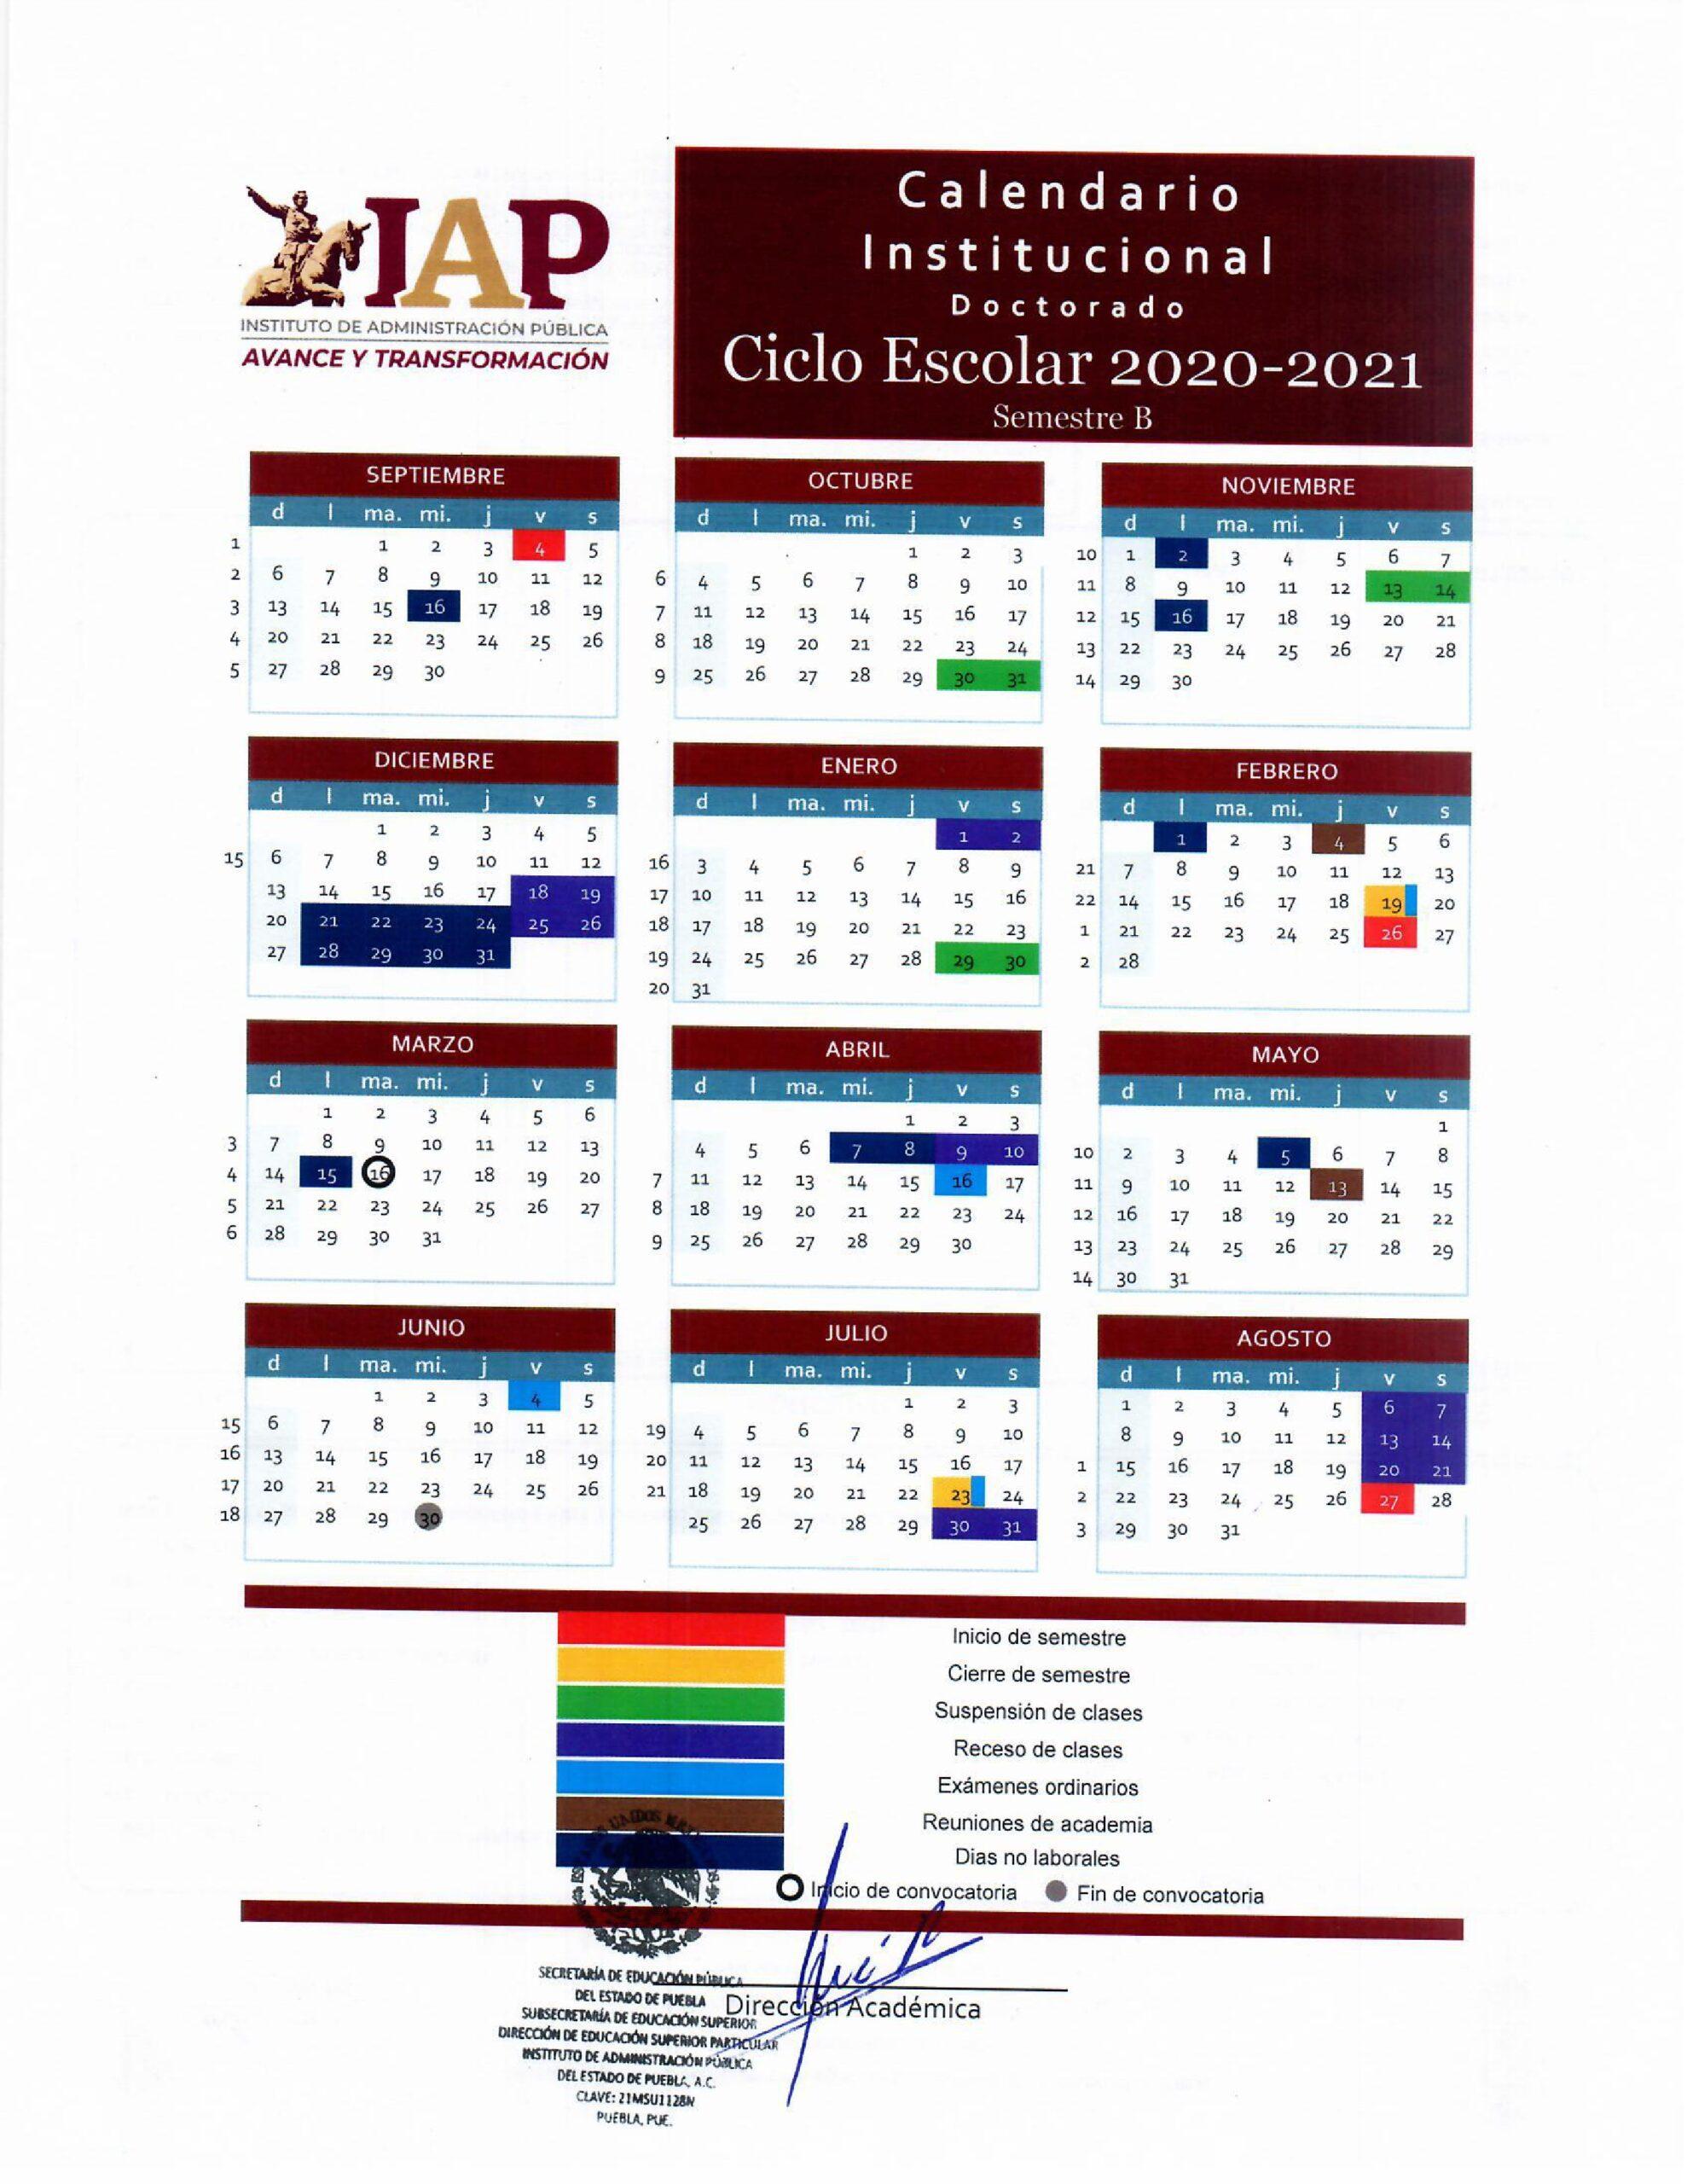 Calendario Doctorado 2020-2021